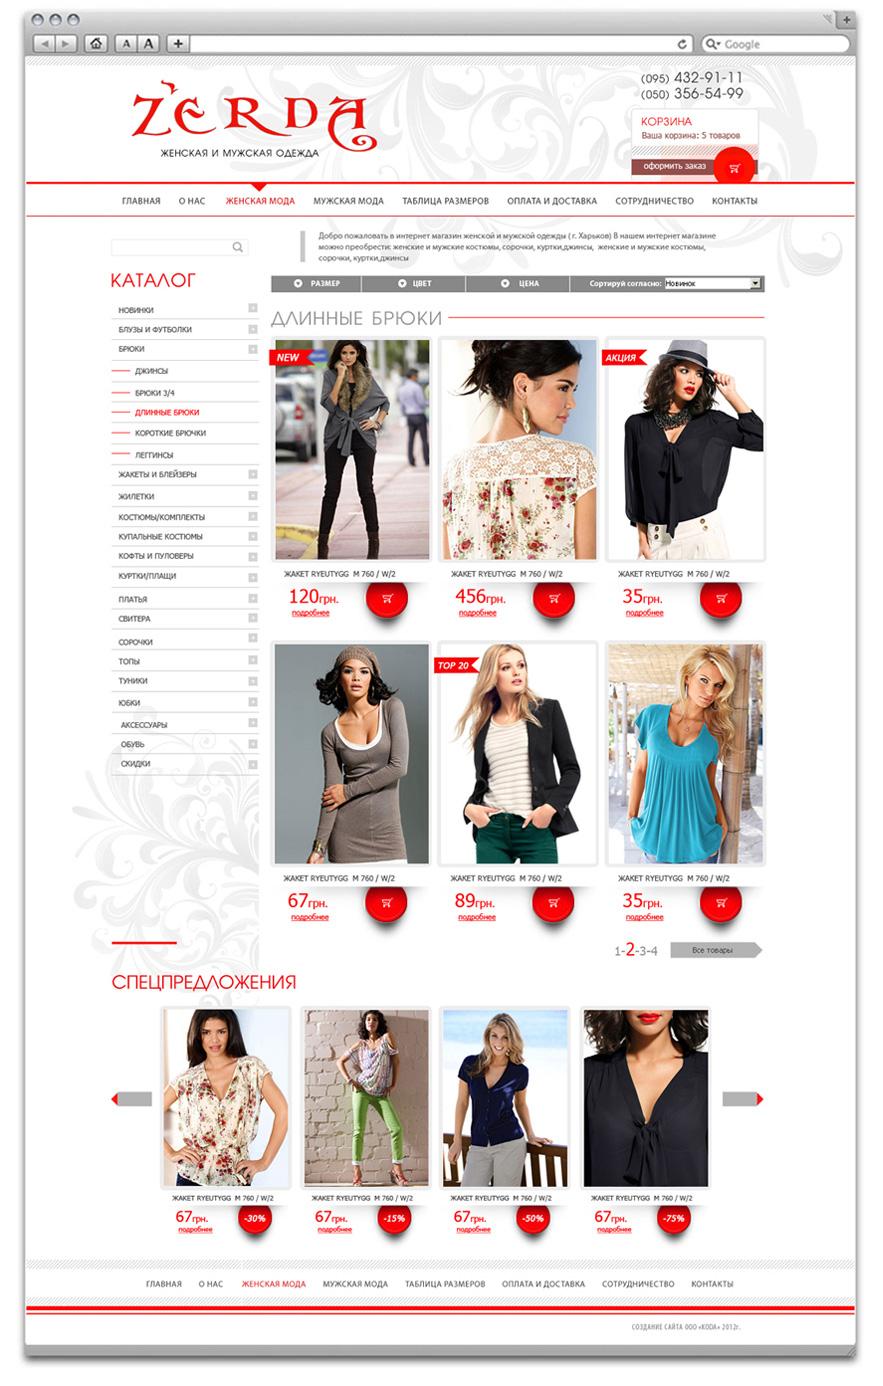 d5de58117a25 Интернет-магазин одежды ZERDA | Харьков, Киев